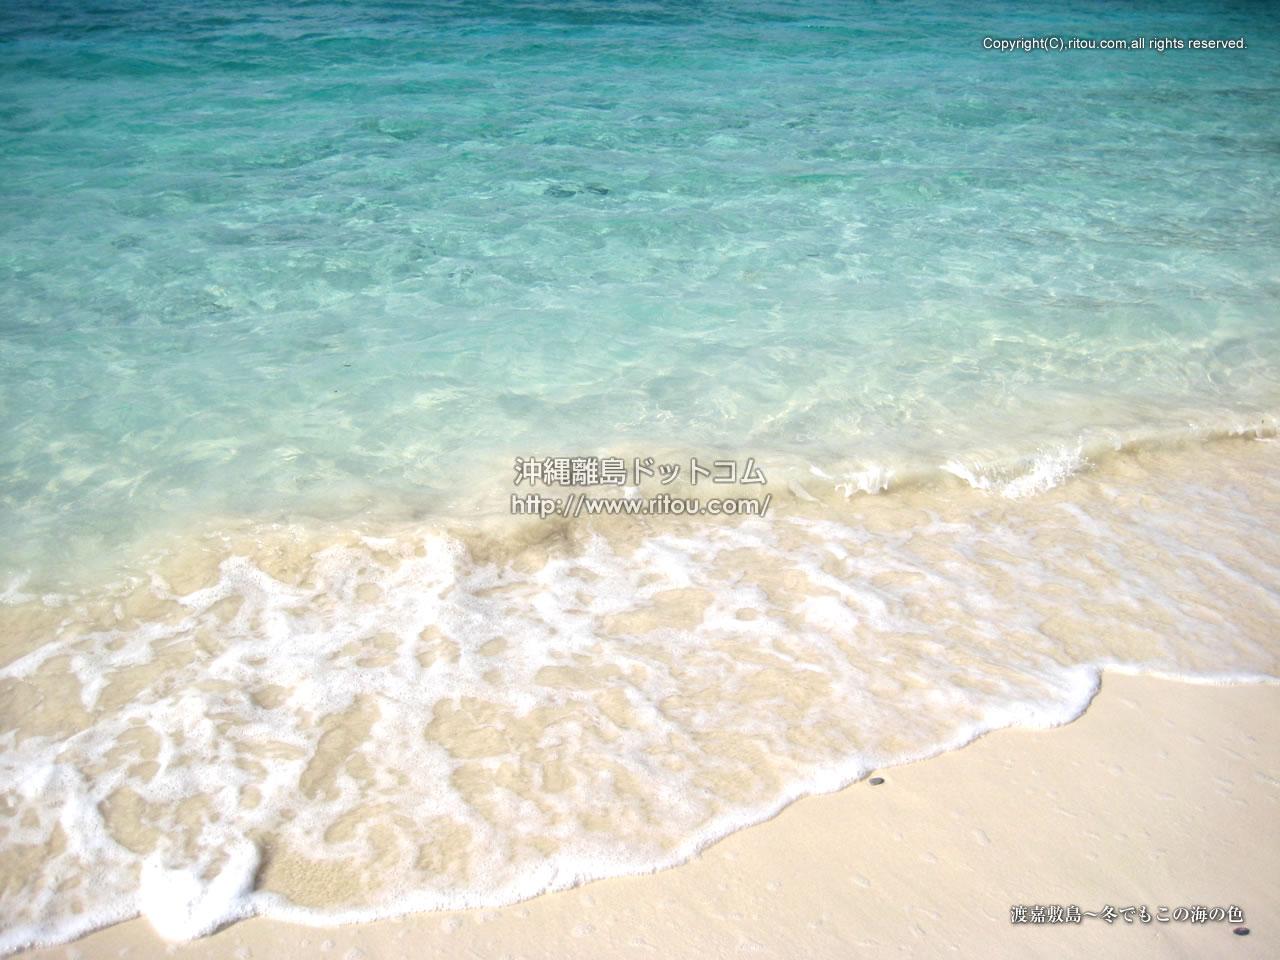 渡嘉敷島〜冬でもこの海の色